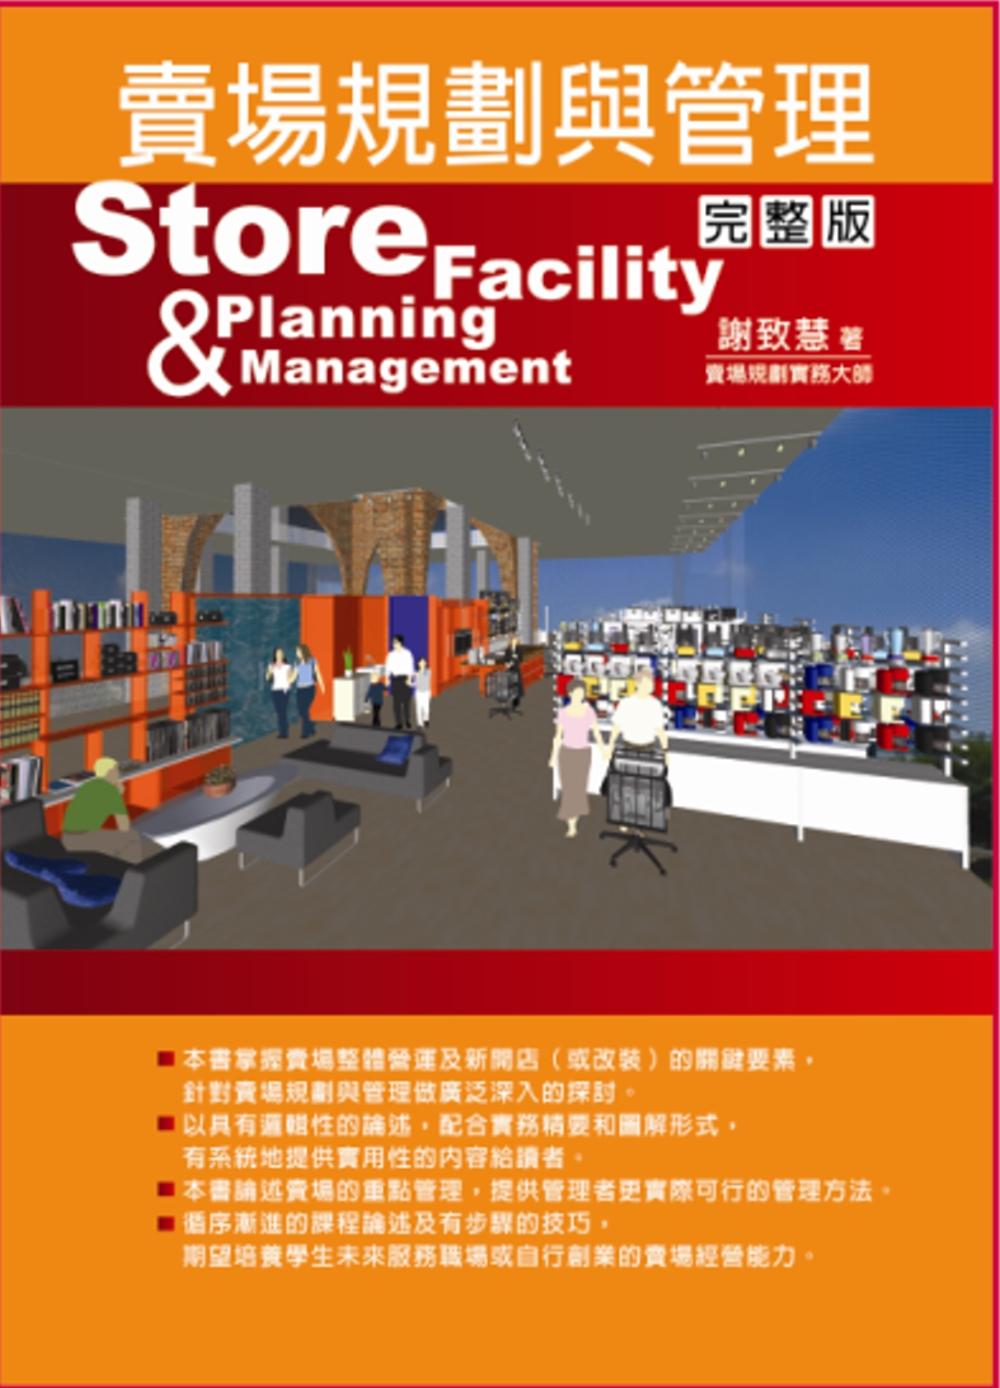 賣場規劃與管理